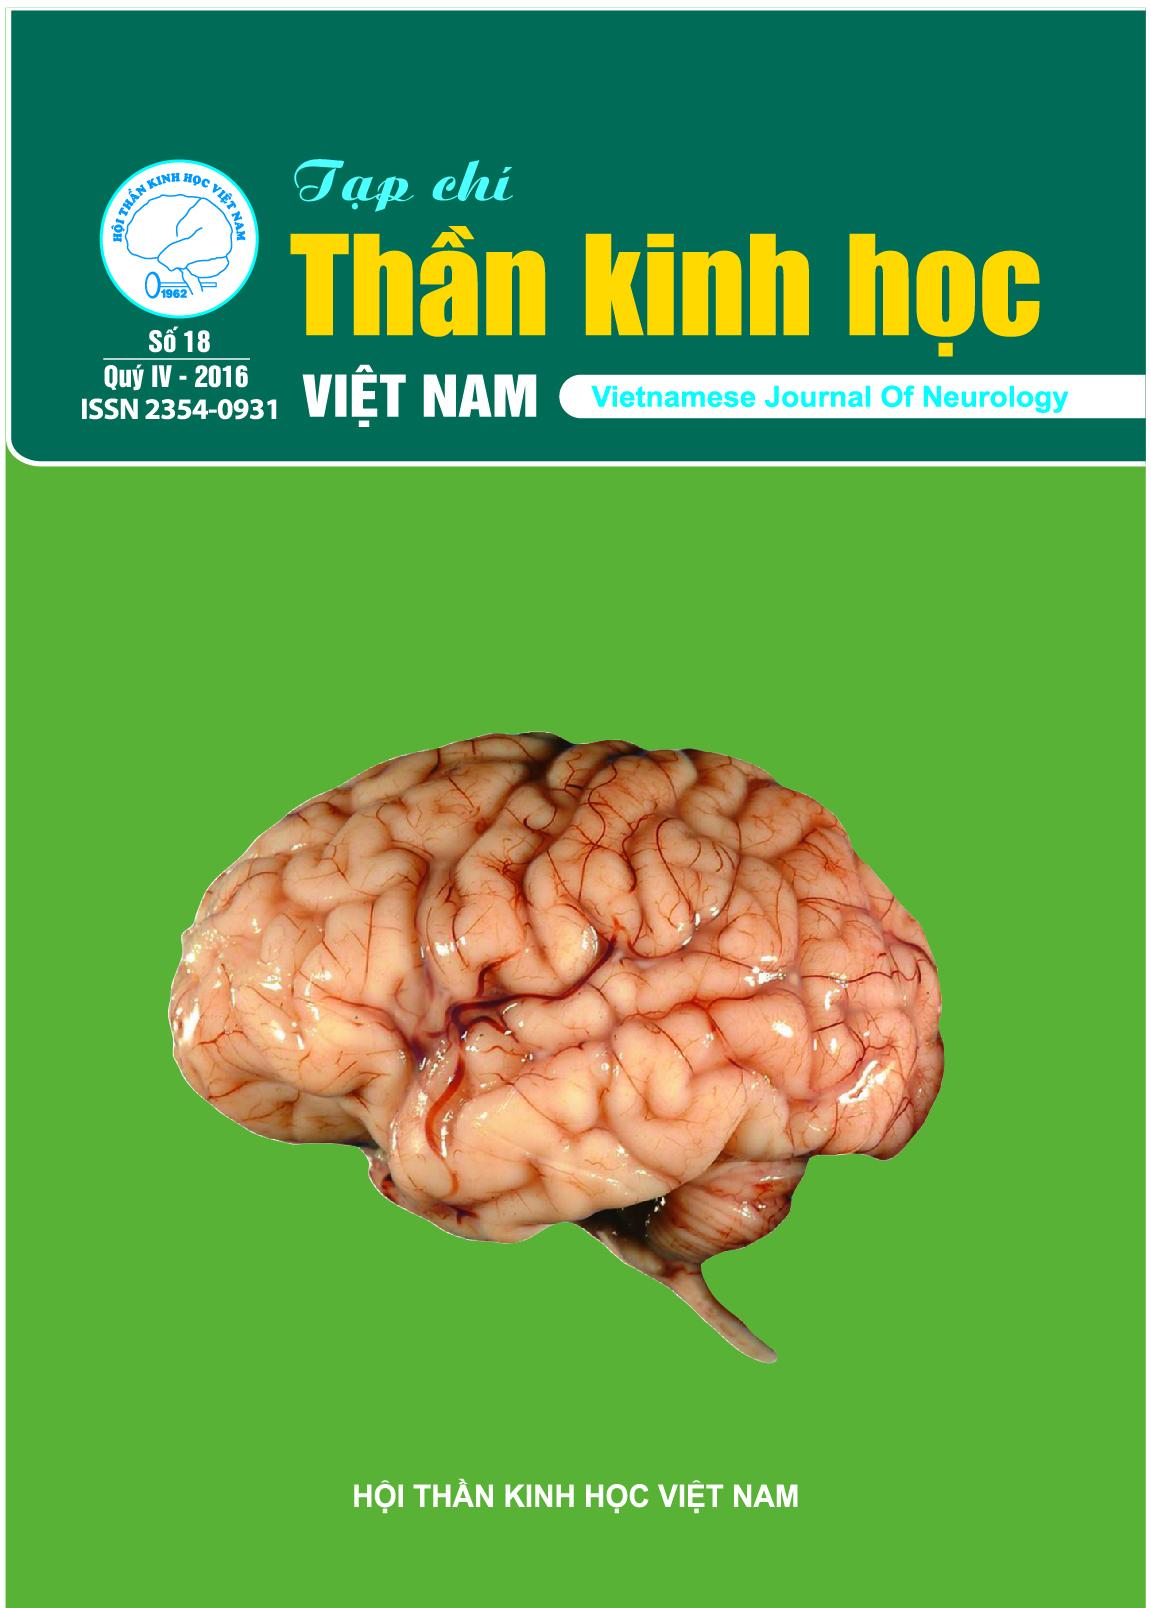 Tạp chí Thần kinh học số 18